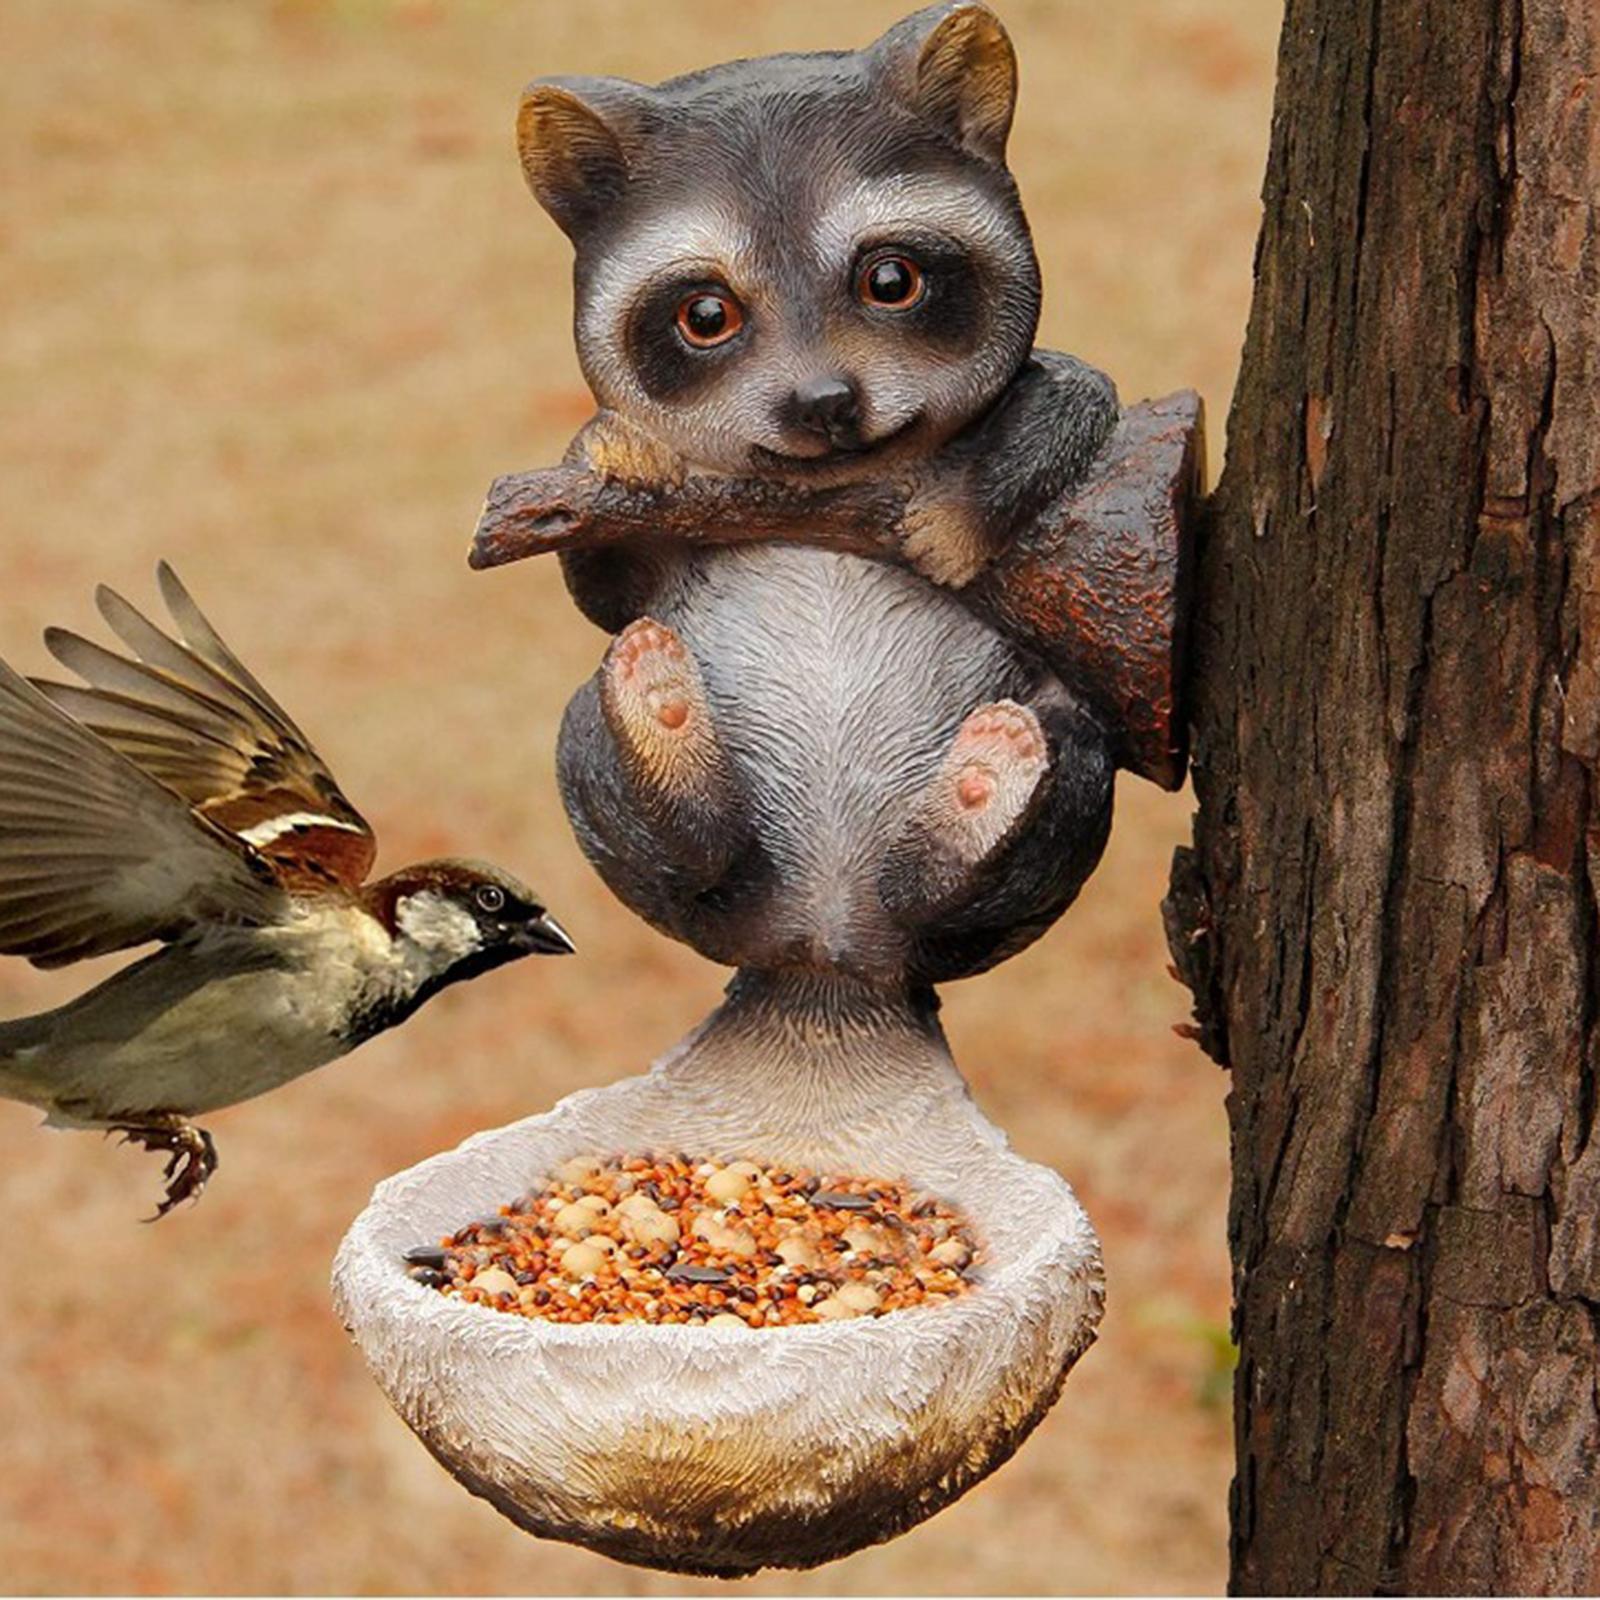 thumbnail 11 - Animal Sculpture Bird Feeder Home Outdoor Tree Decor Bird Feeding Tray